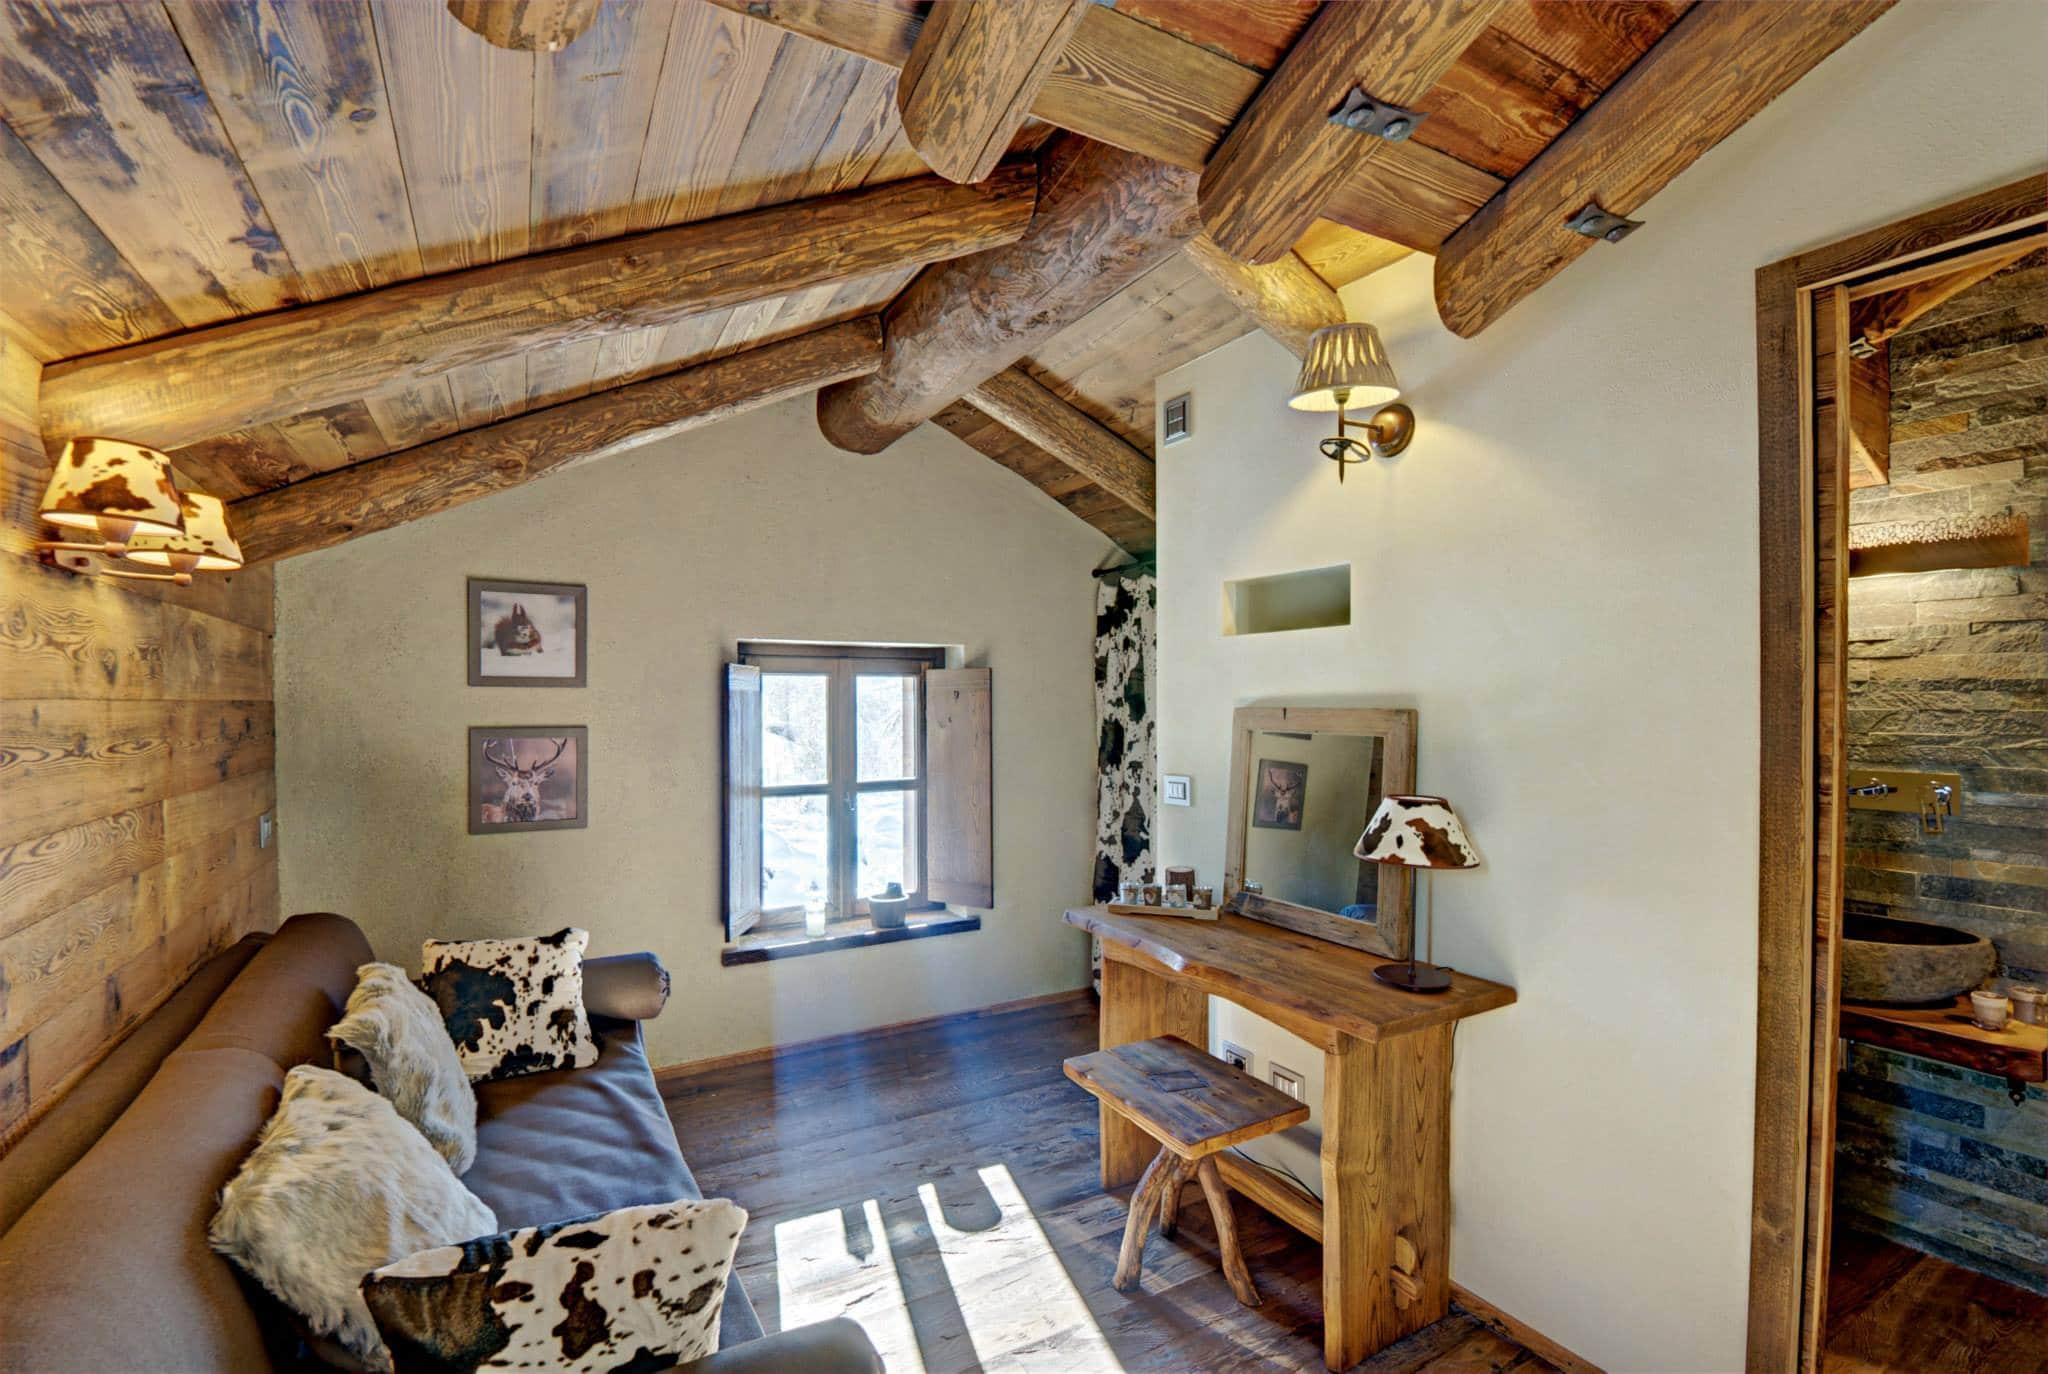 decoracion de interiores habitaciones rusticas:La chimenea de piedra es un elemento fuerte en el diseño de la sala